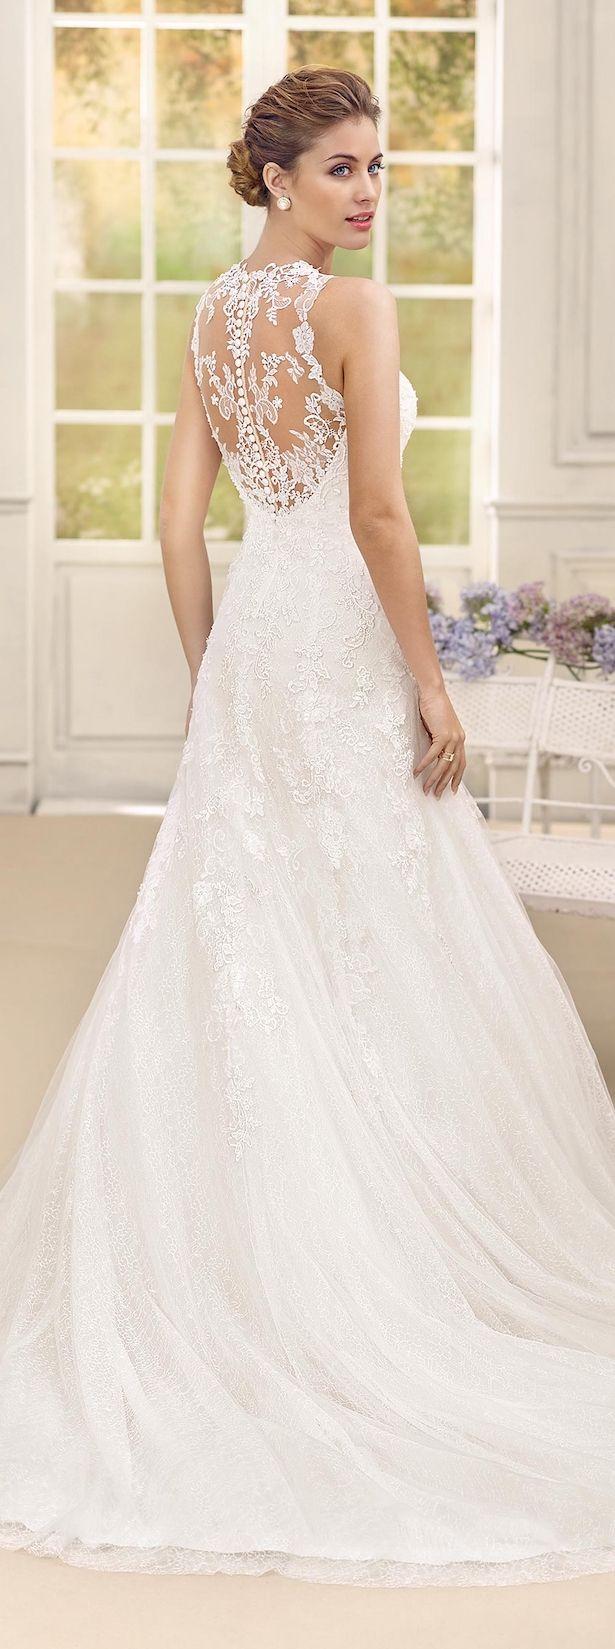 Abito da sposa da Fara Sposa 2017 Collezione Sposa